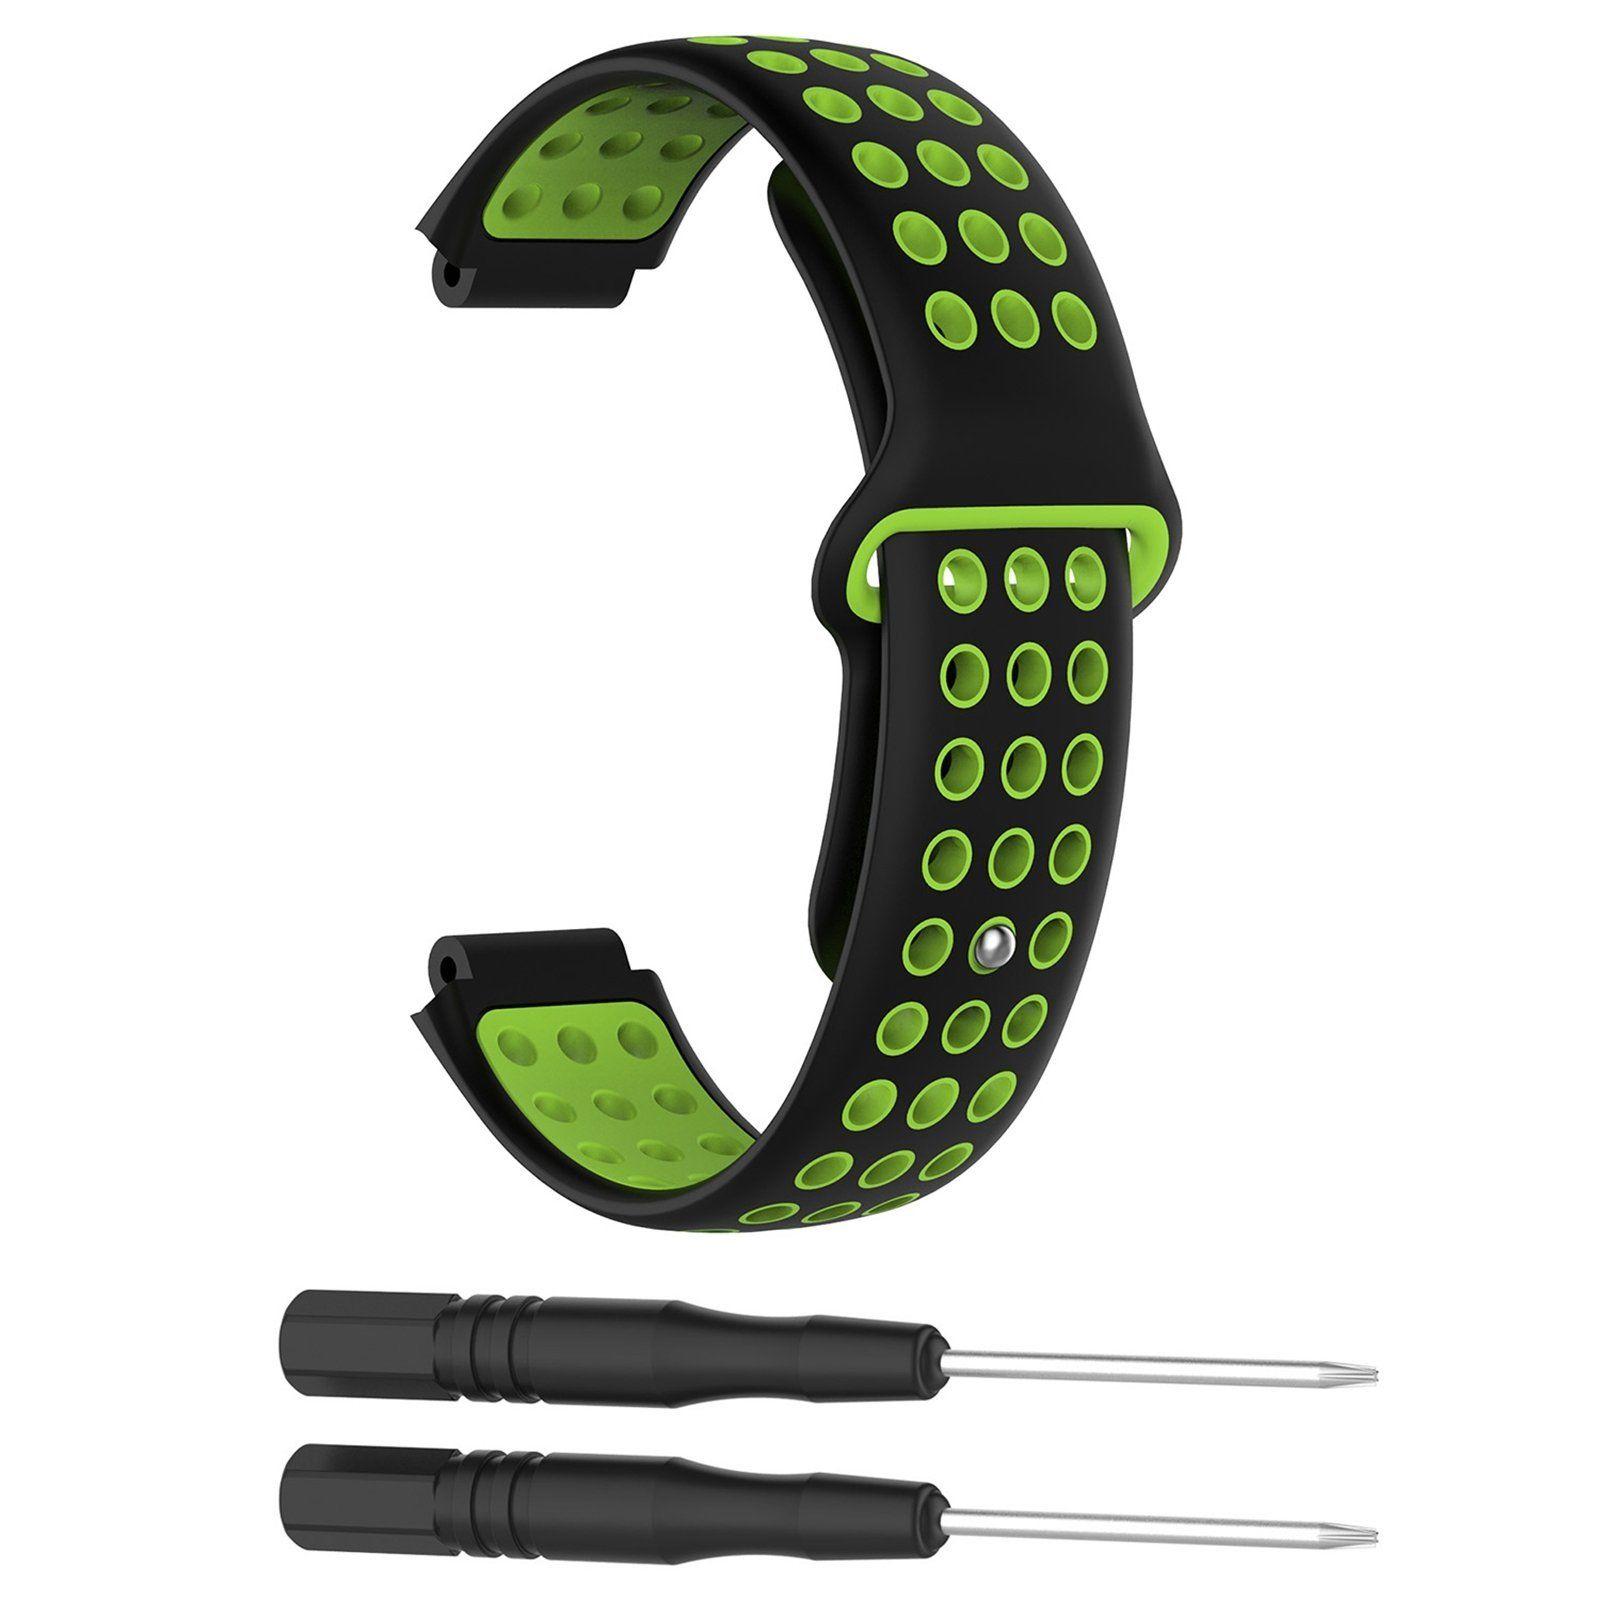 Silikonový vyměnitelný pásek / řemínek pro Garmin Approach S5 - černo zelený